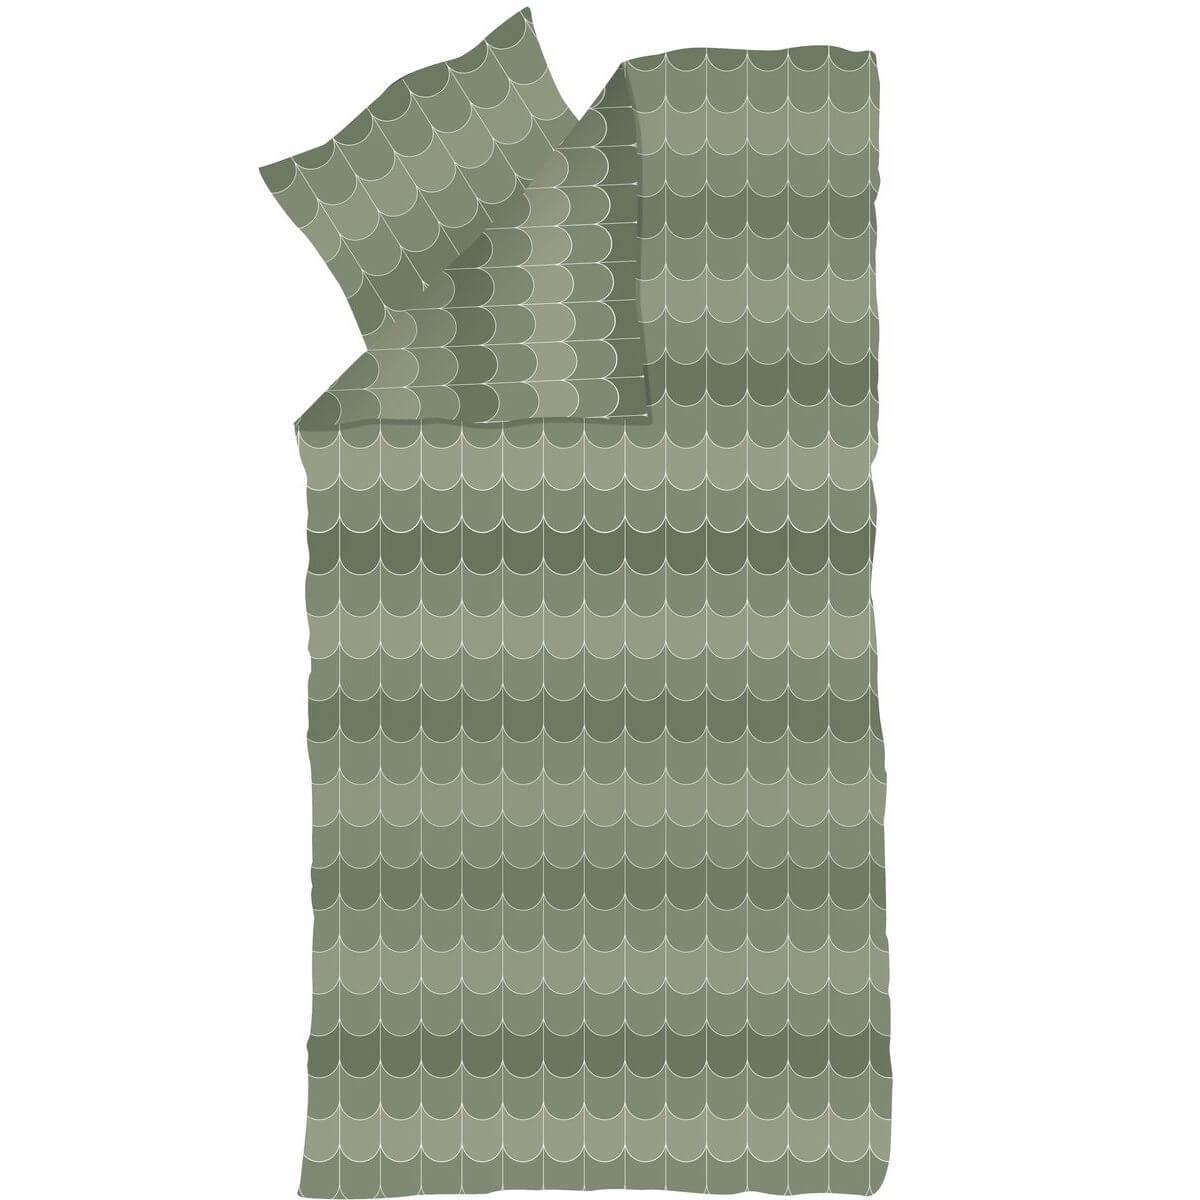 Kinder-Bettwäsche 140x200cm-Kissenbezug 80x80cm POPSICLE Flexa kiwi